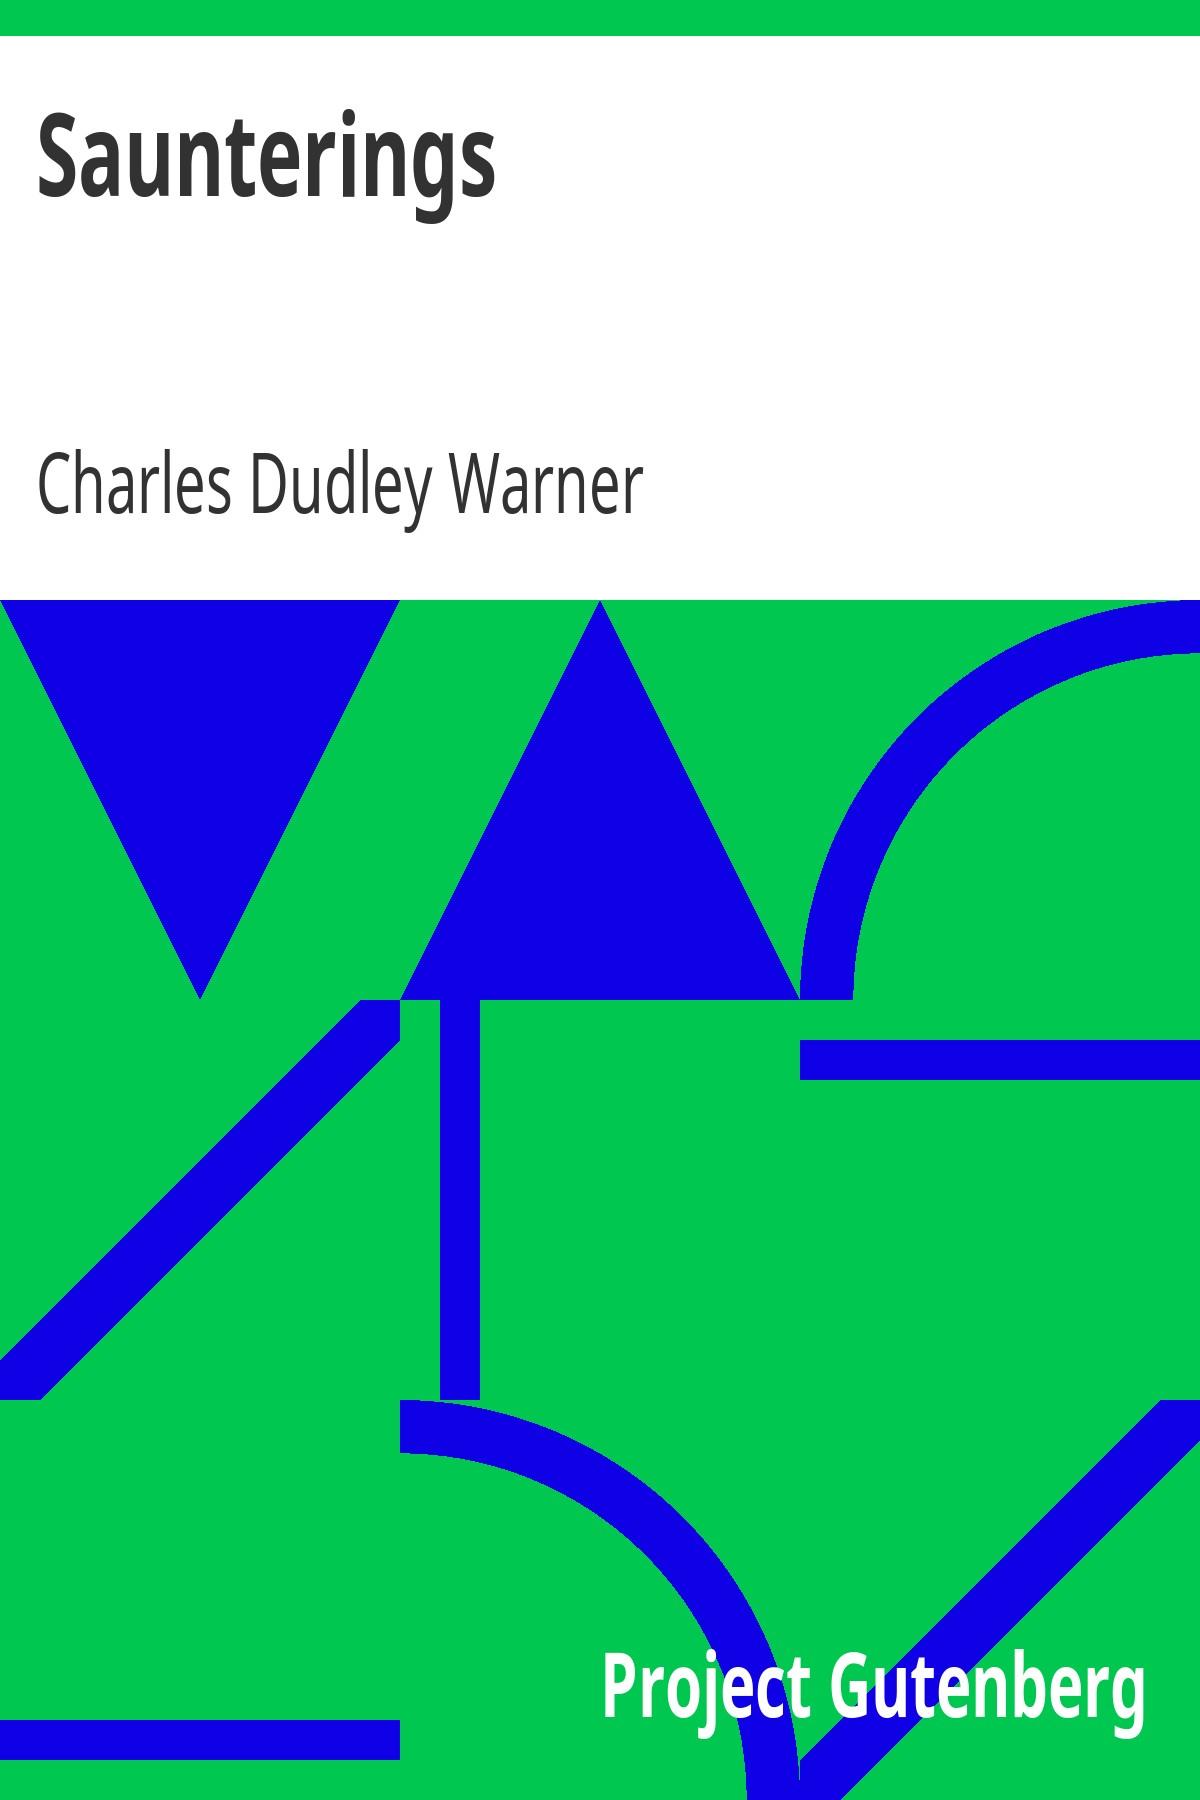 Charles Dudley Warner Saunterings